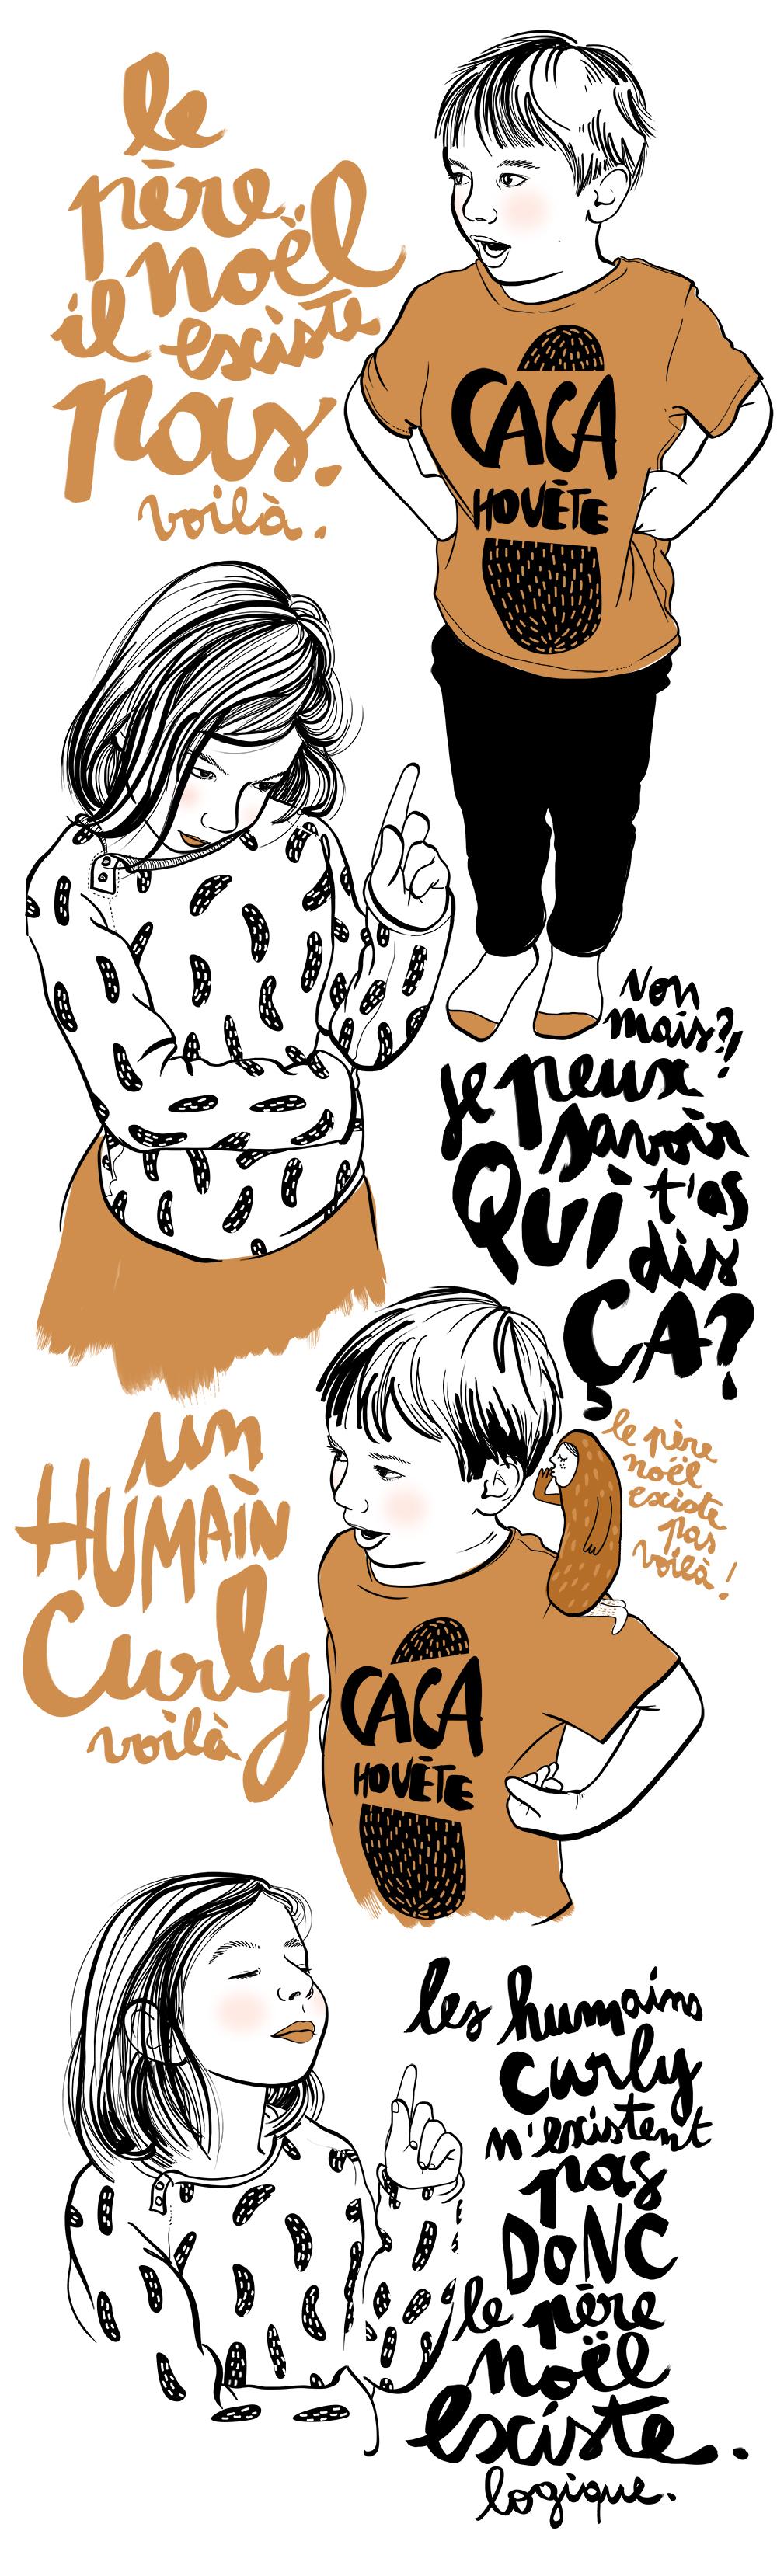 L'HumainCurly